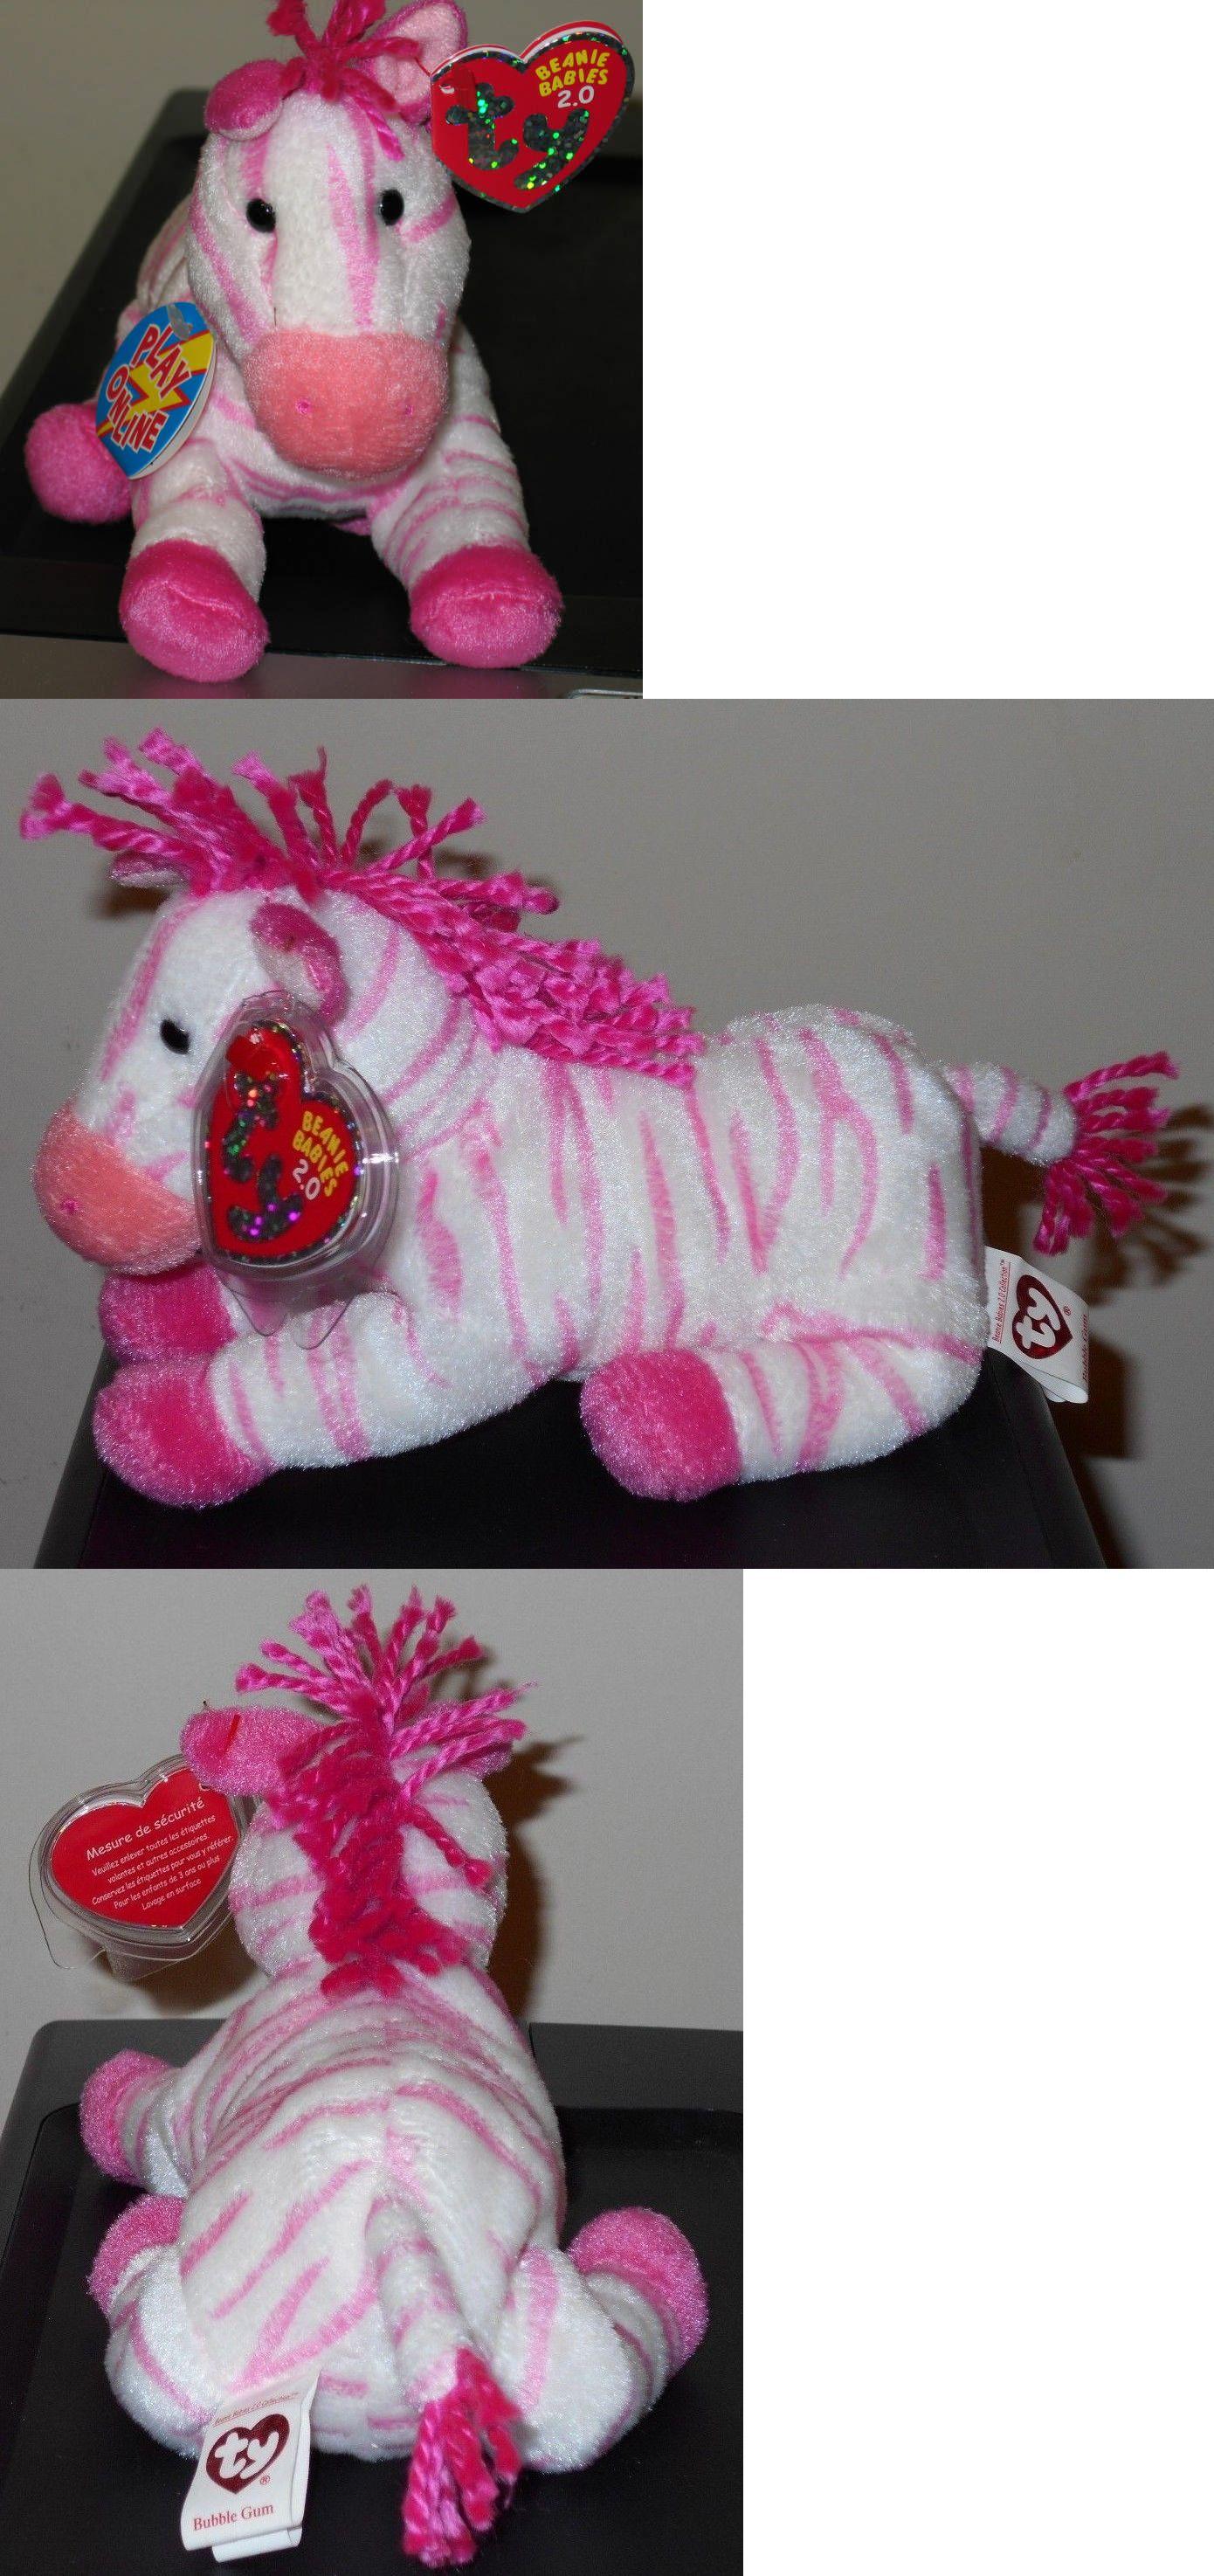 MWMT BUBBLEGUM the Zebra Ty Beanie Baby 2.0 6.5 inch